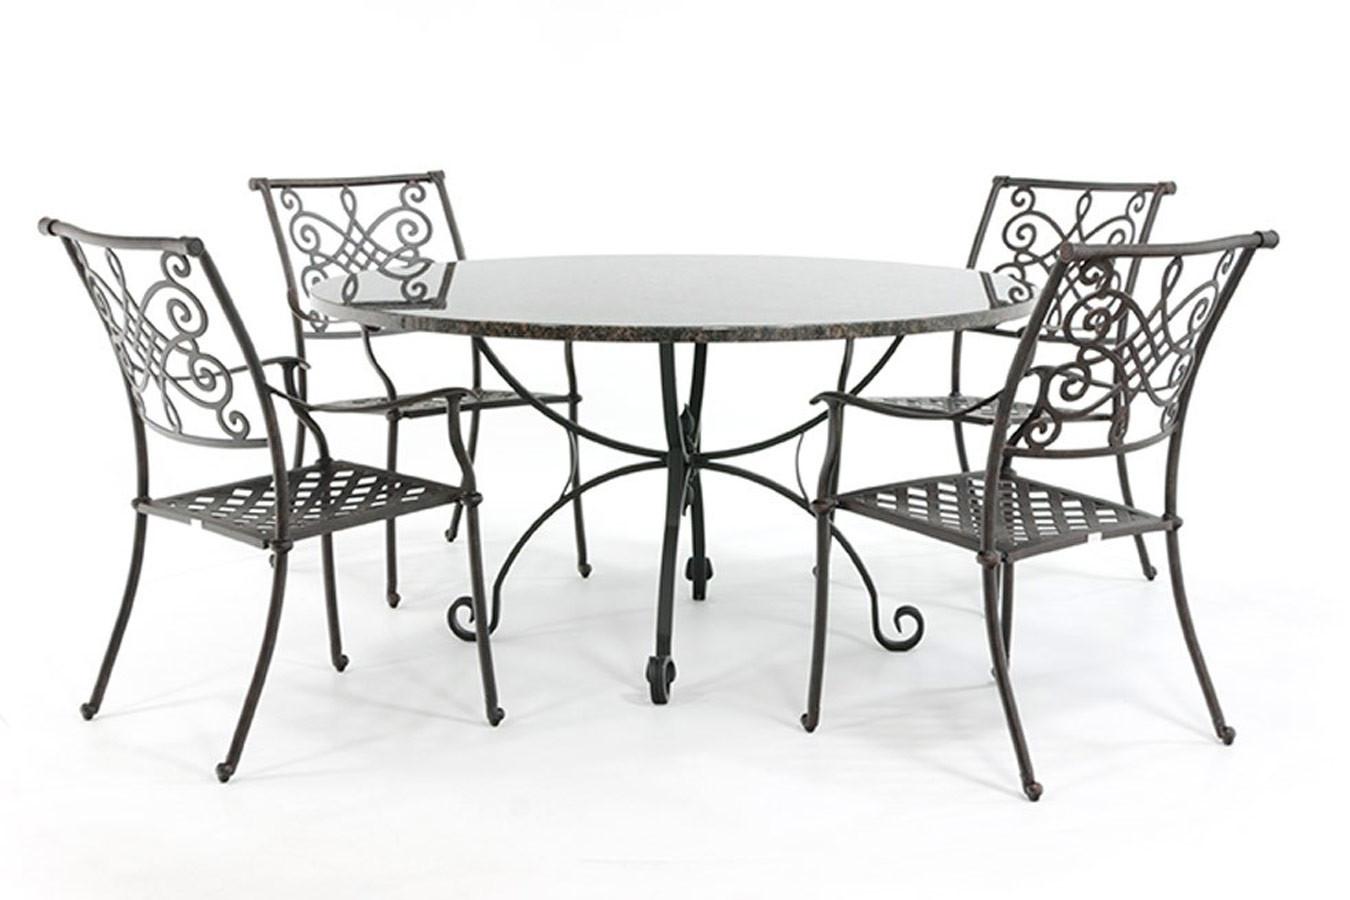 Stenen tuintafel met rond granieten blad en smeedijzeren stoelen